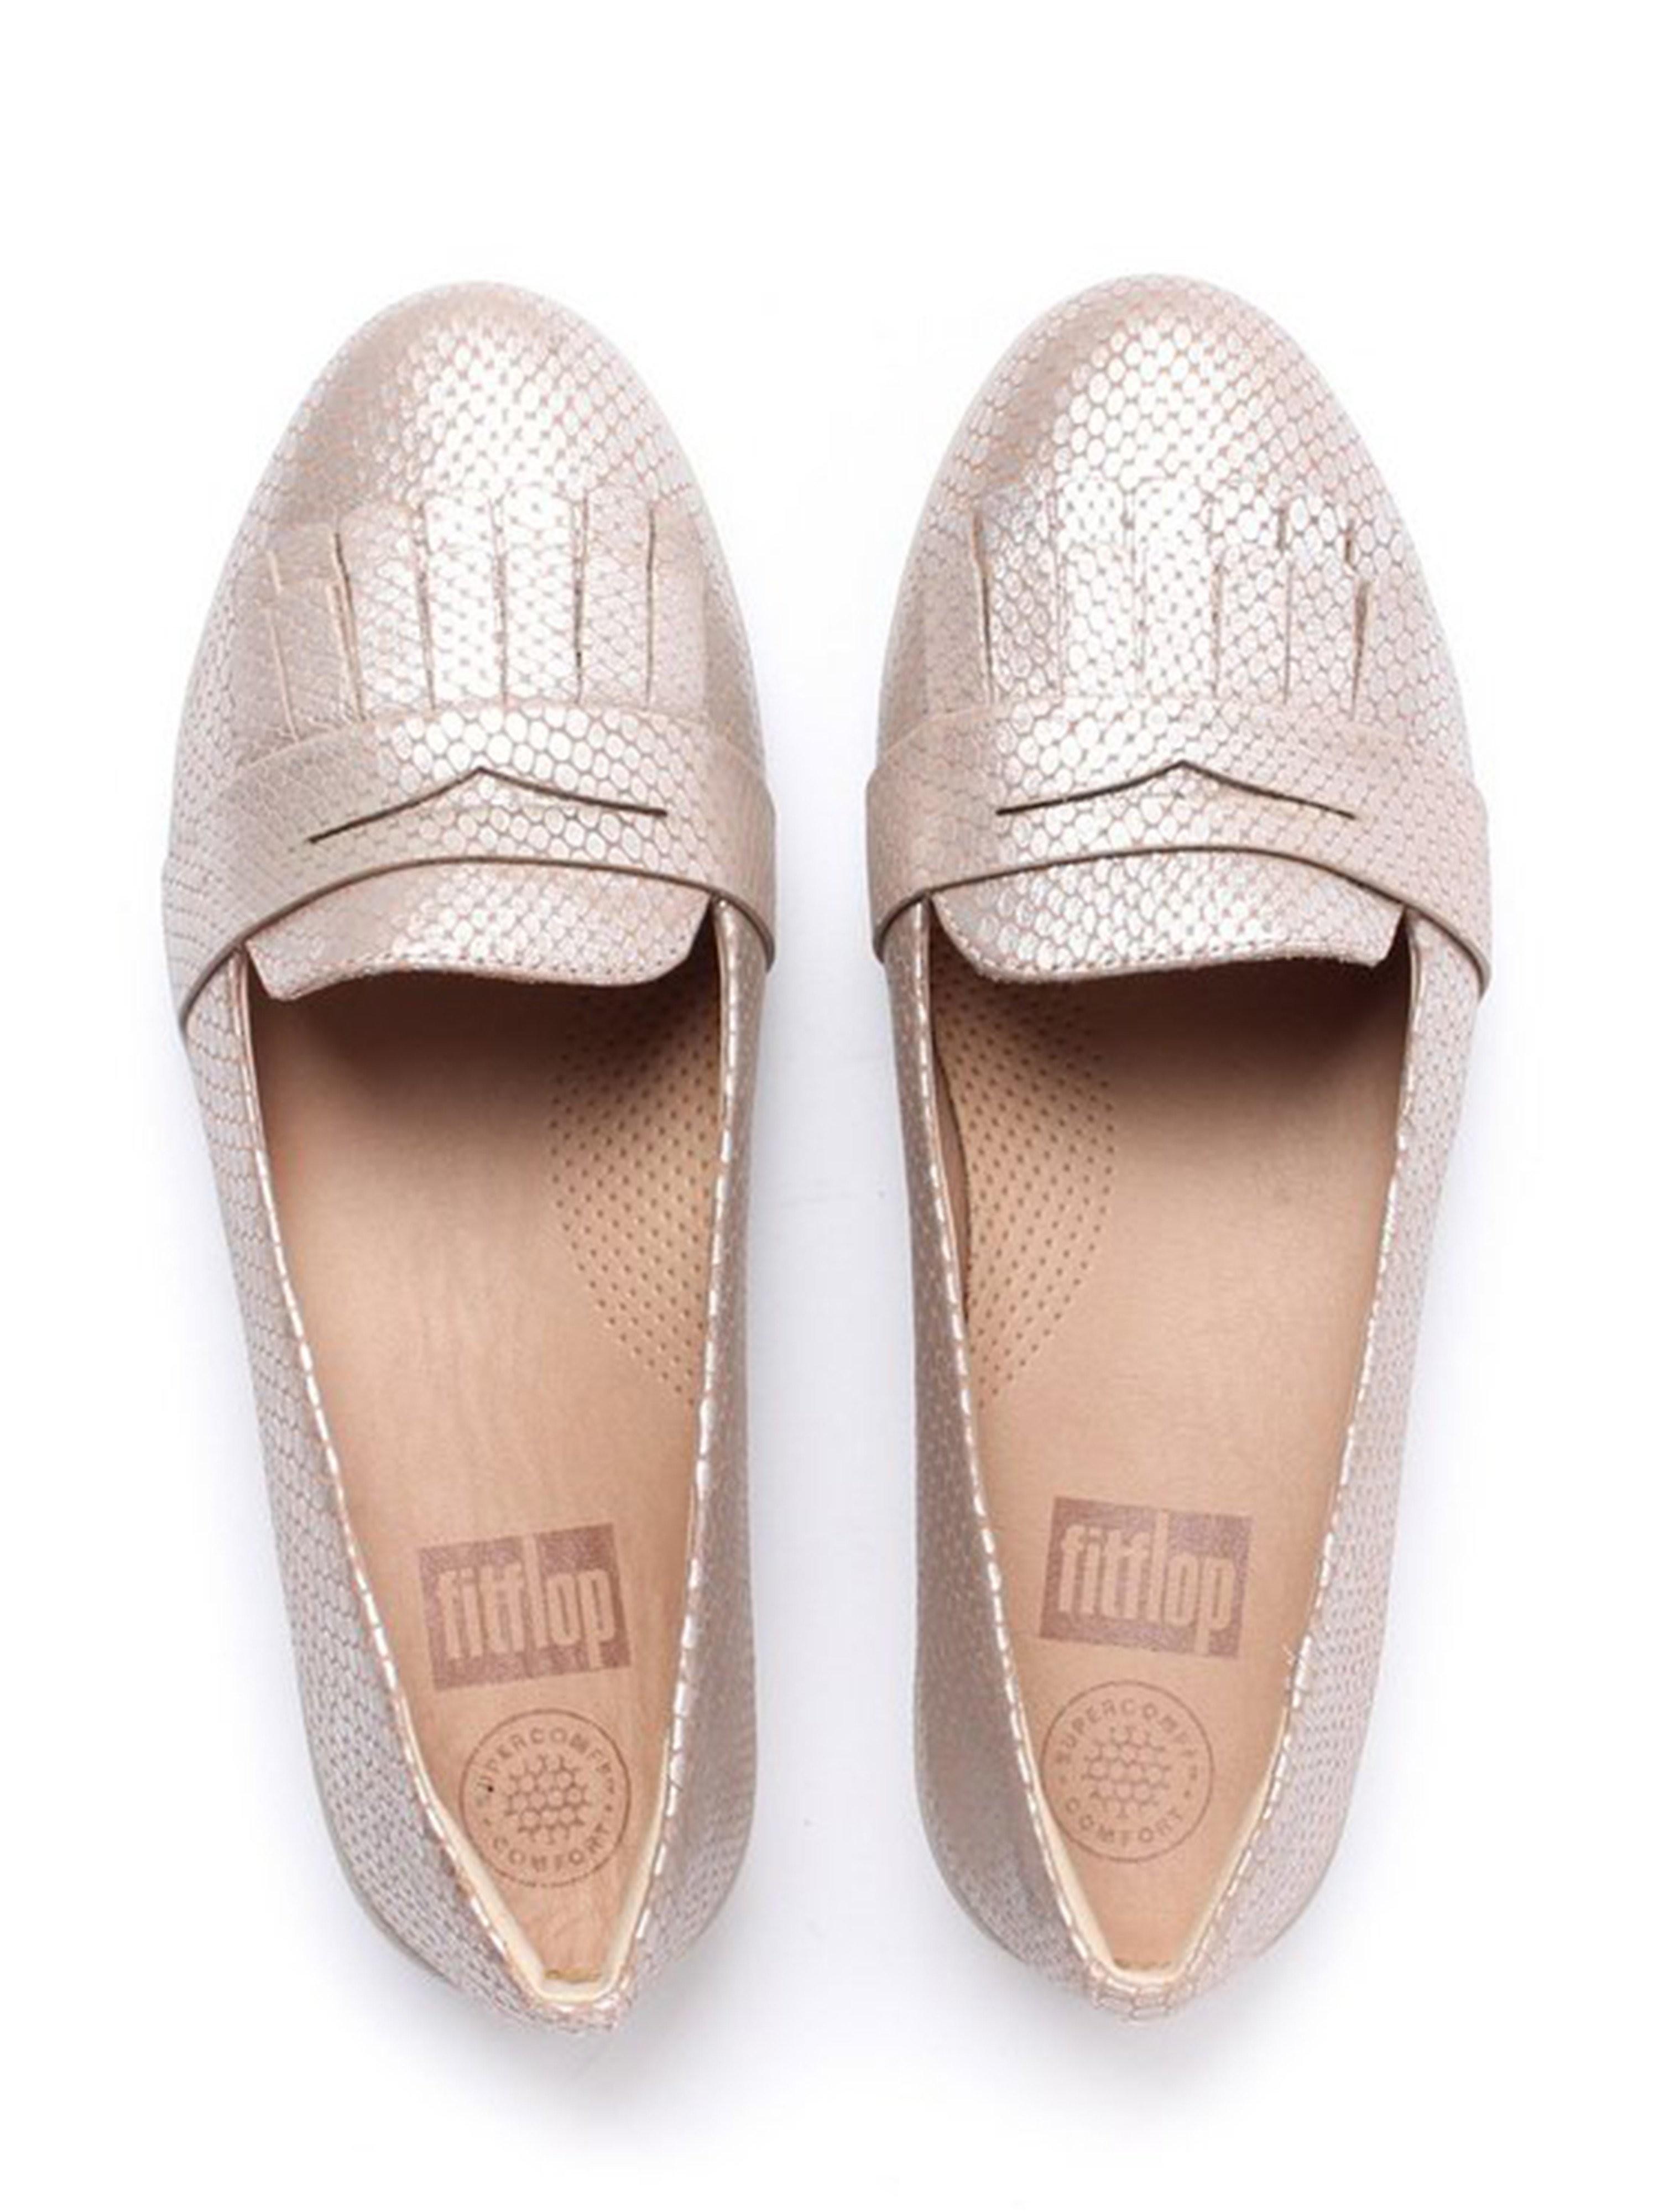 FitFlop Women's Fringey Sneaker Loafers - Silver Snake